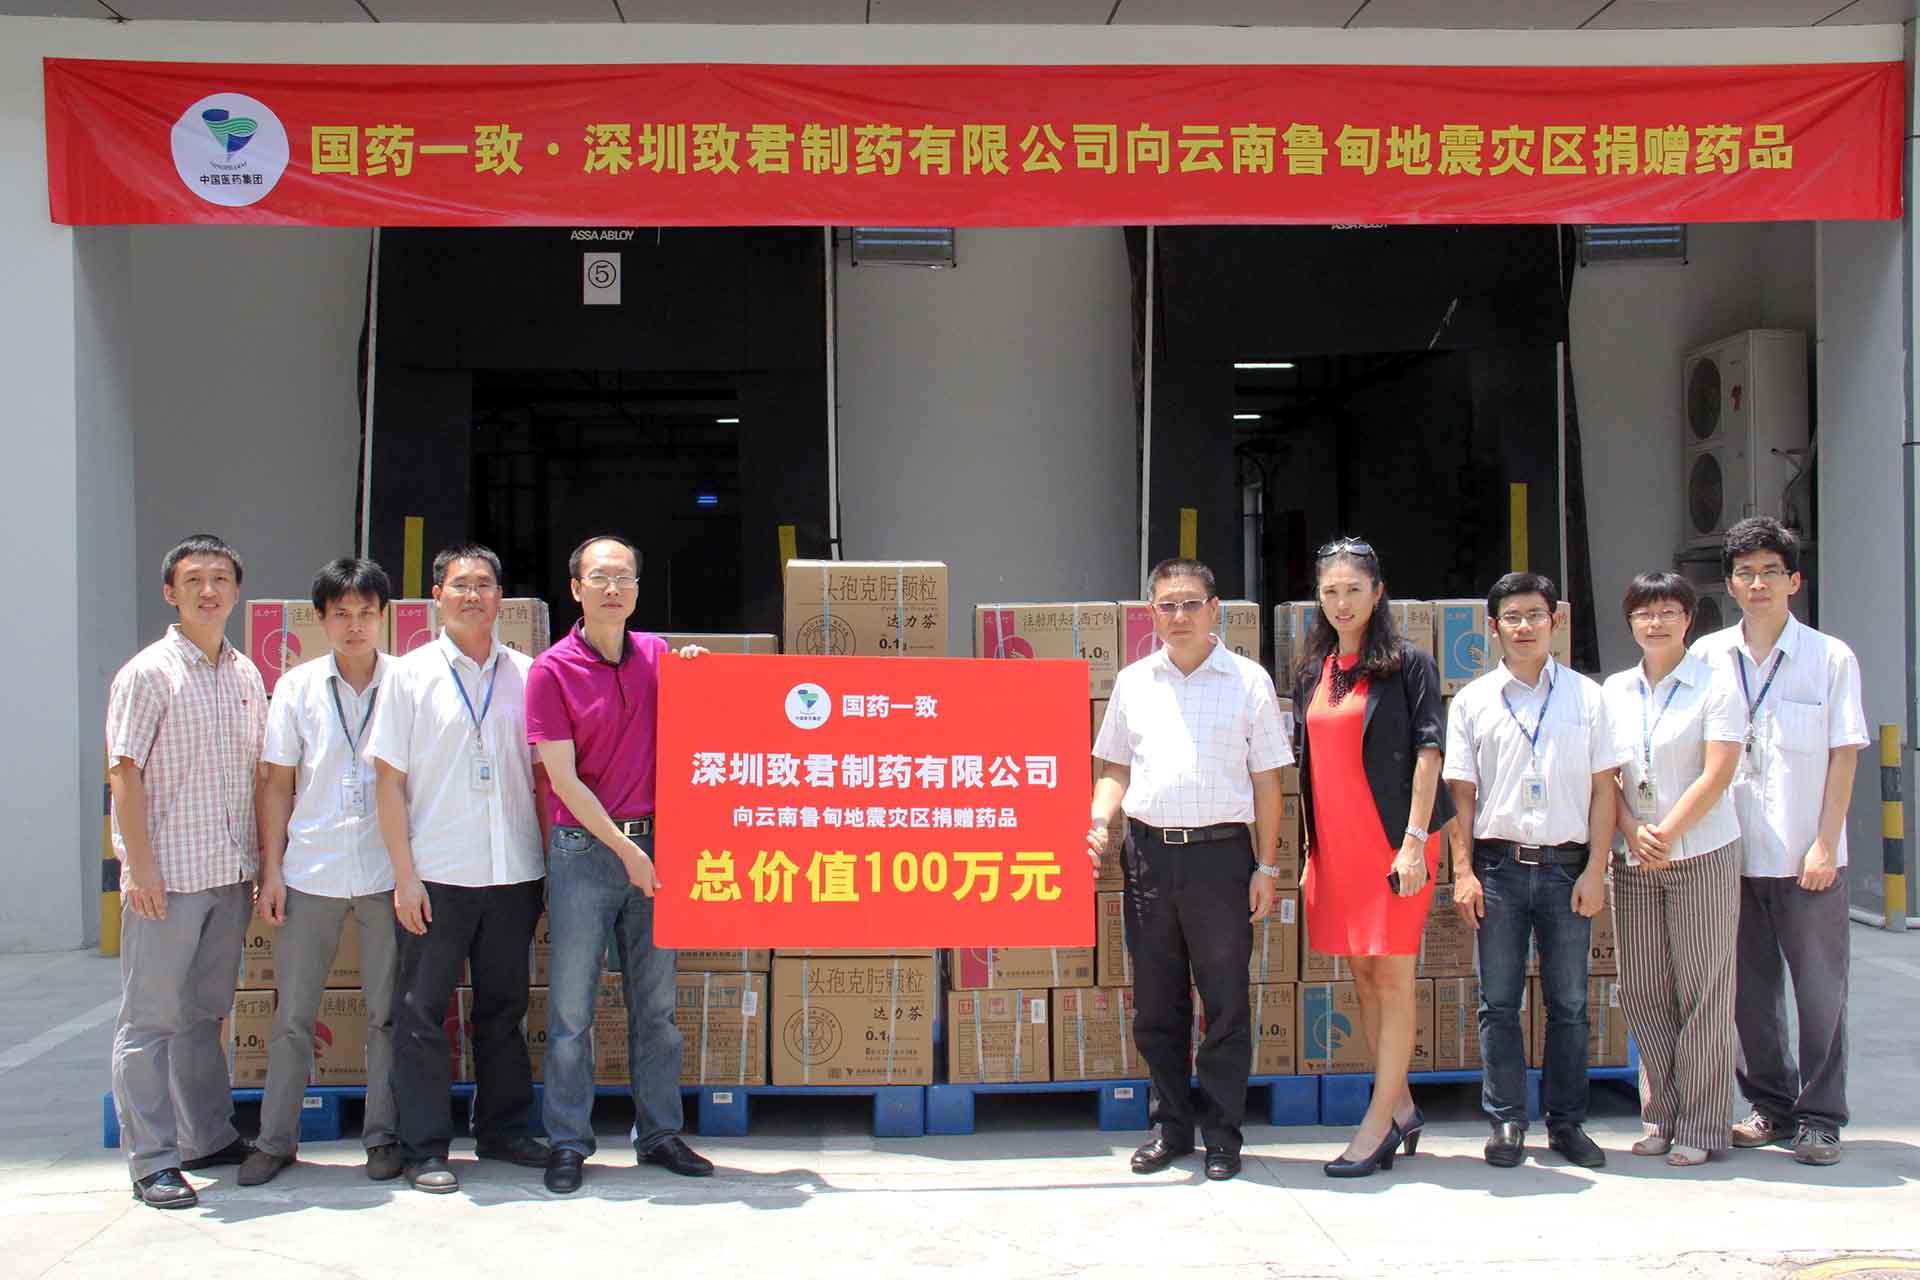 雷竞技官网网址支援云南鲁甸灾区捐赠价值100万元急需药品